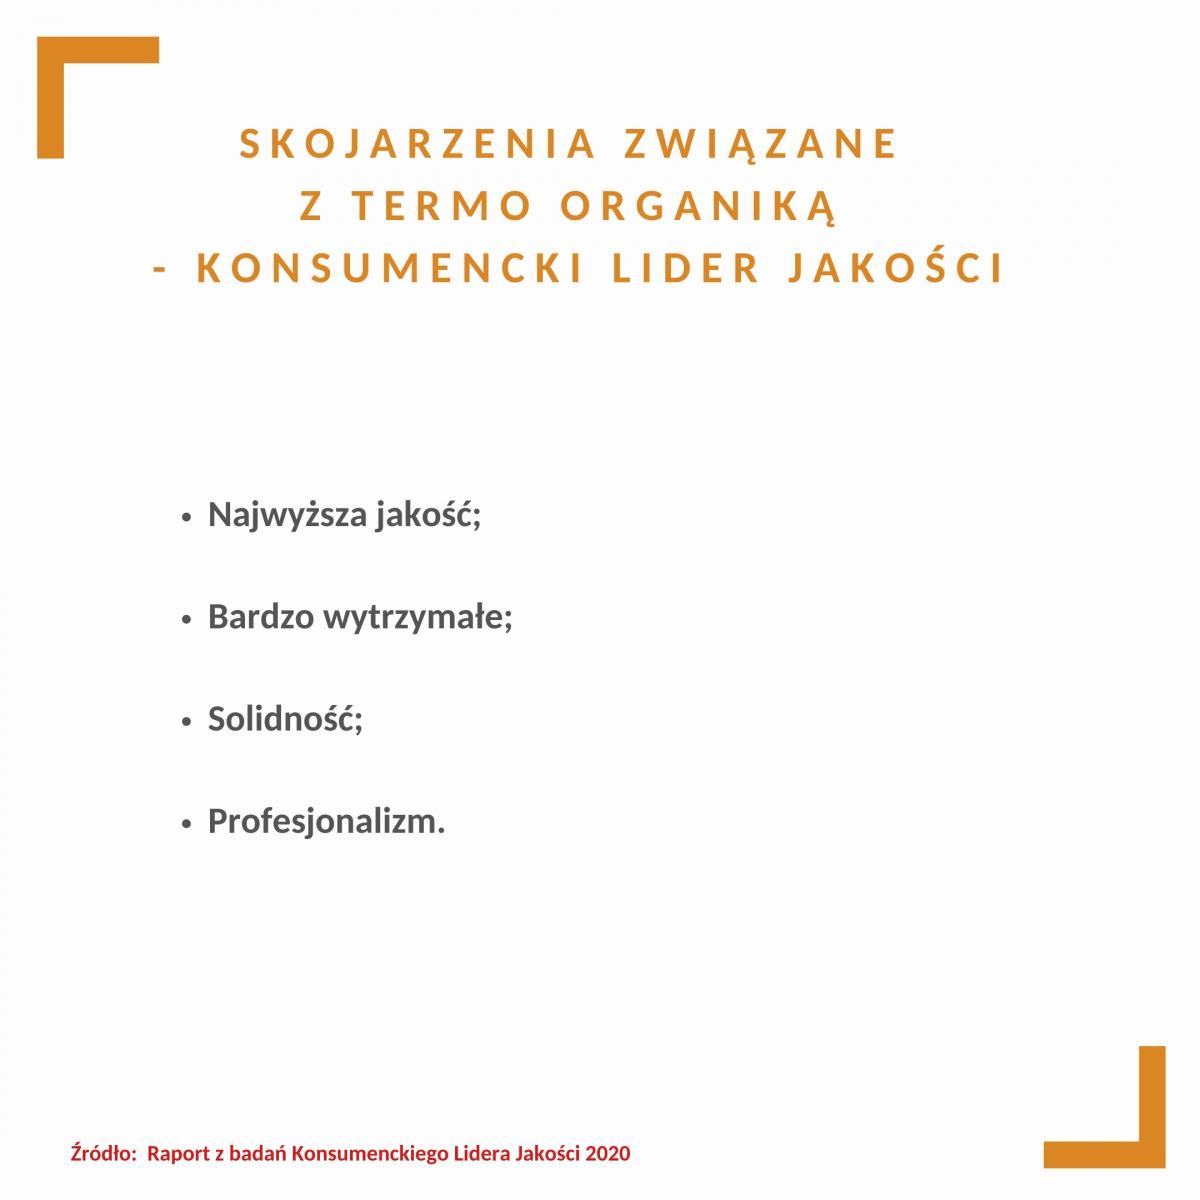 Skojarzenia konsumentów dot. marki Termo Organika, Konsumencki Lider Jakości 2020